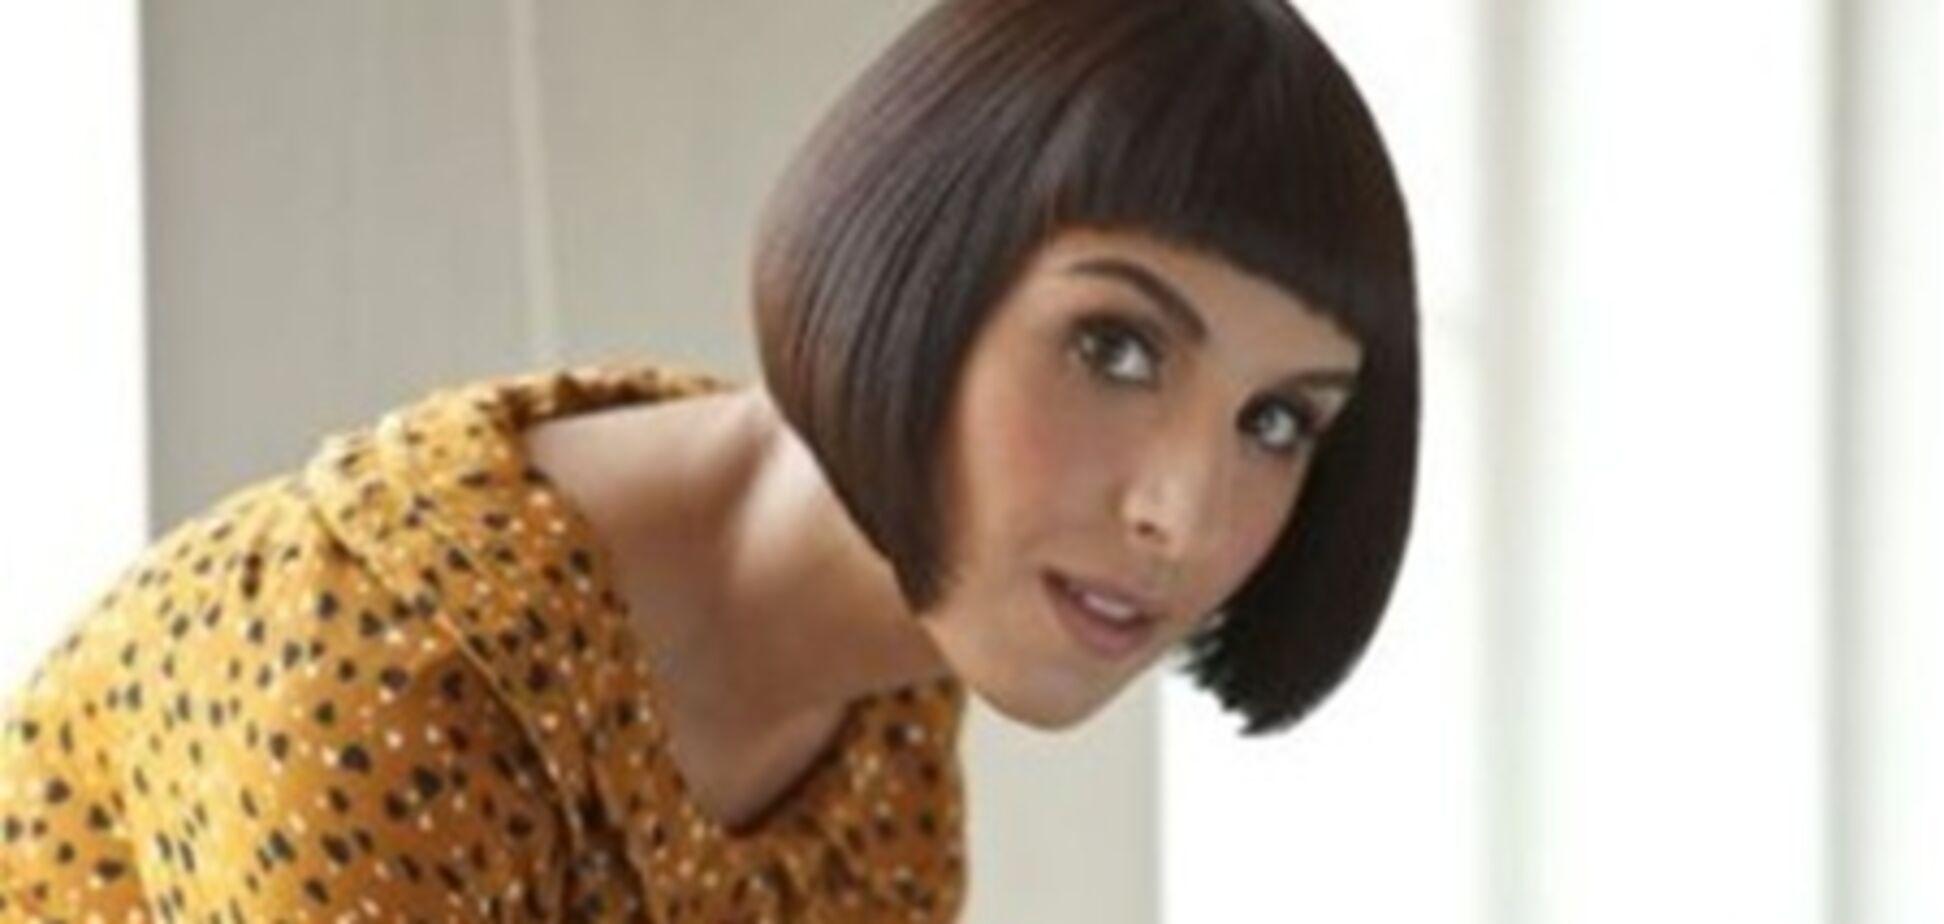 Джамала: 'Евровидение' - это вообще не конкурс музыки